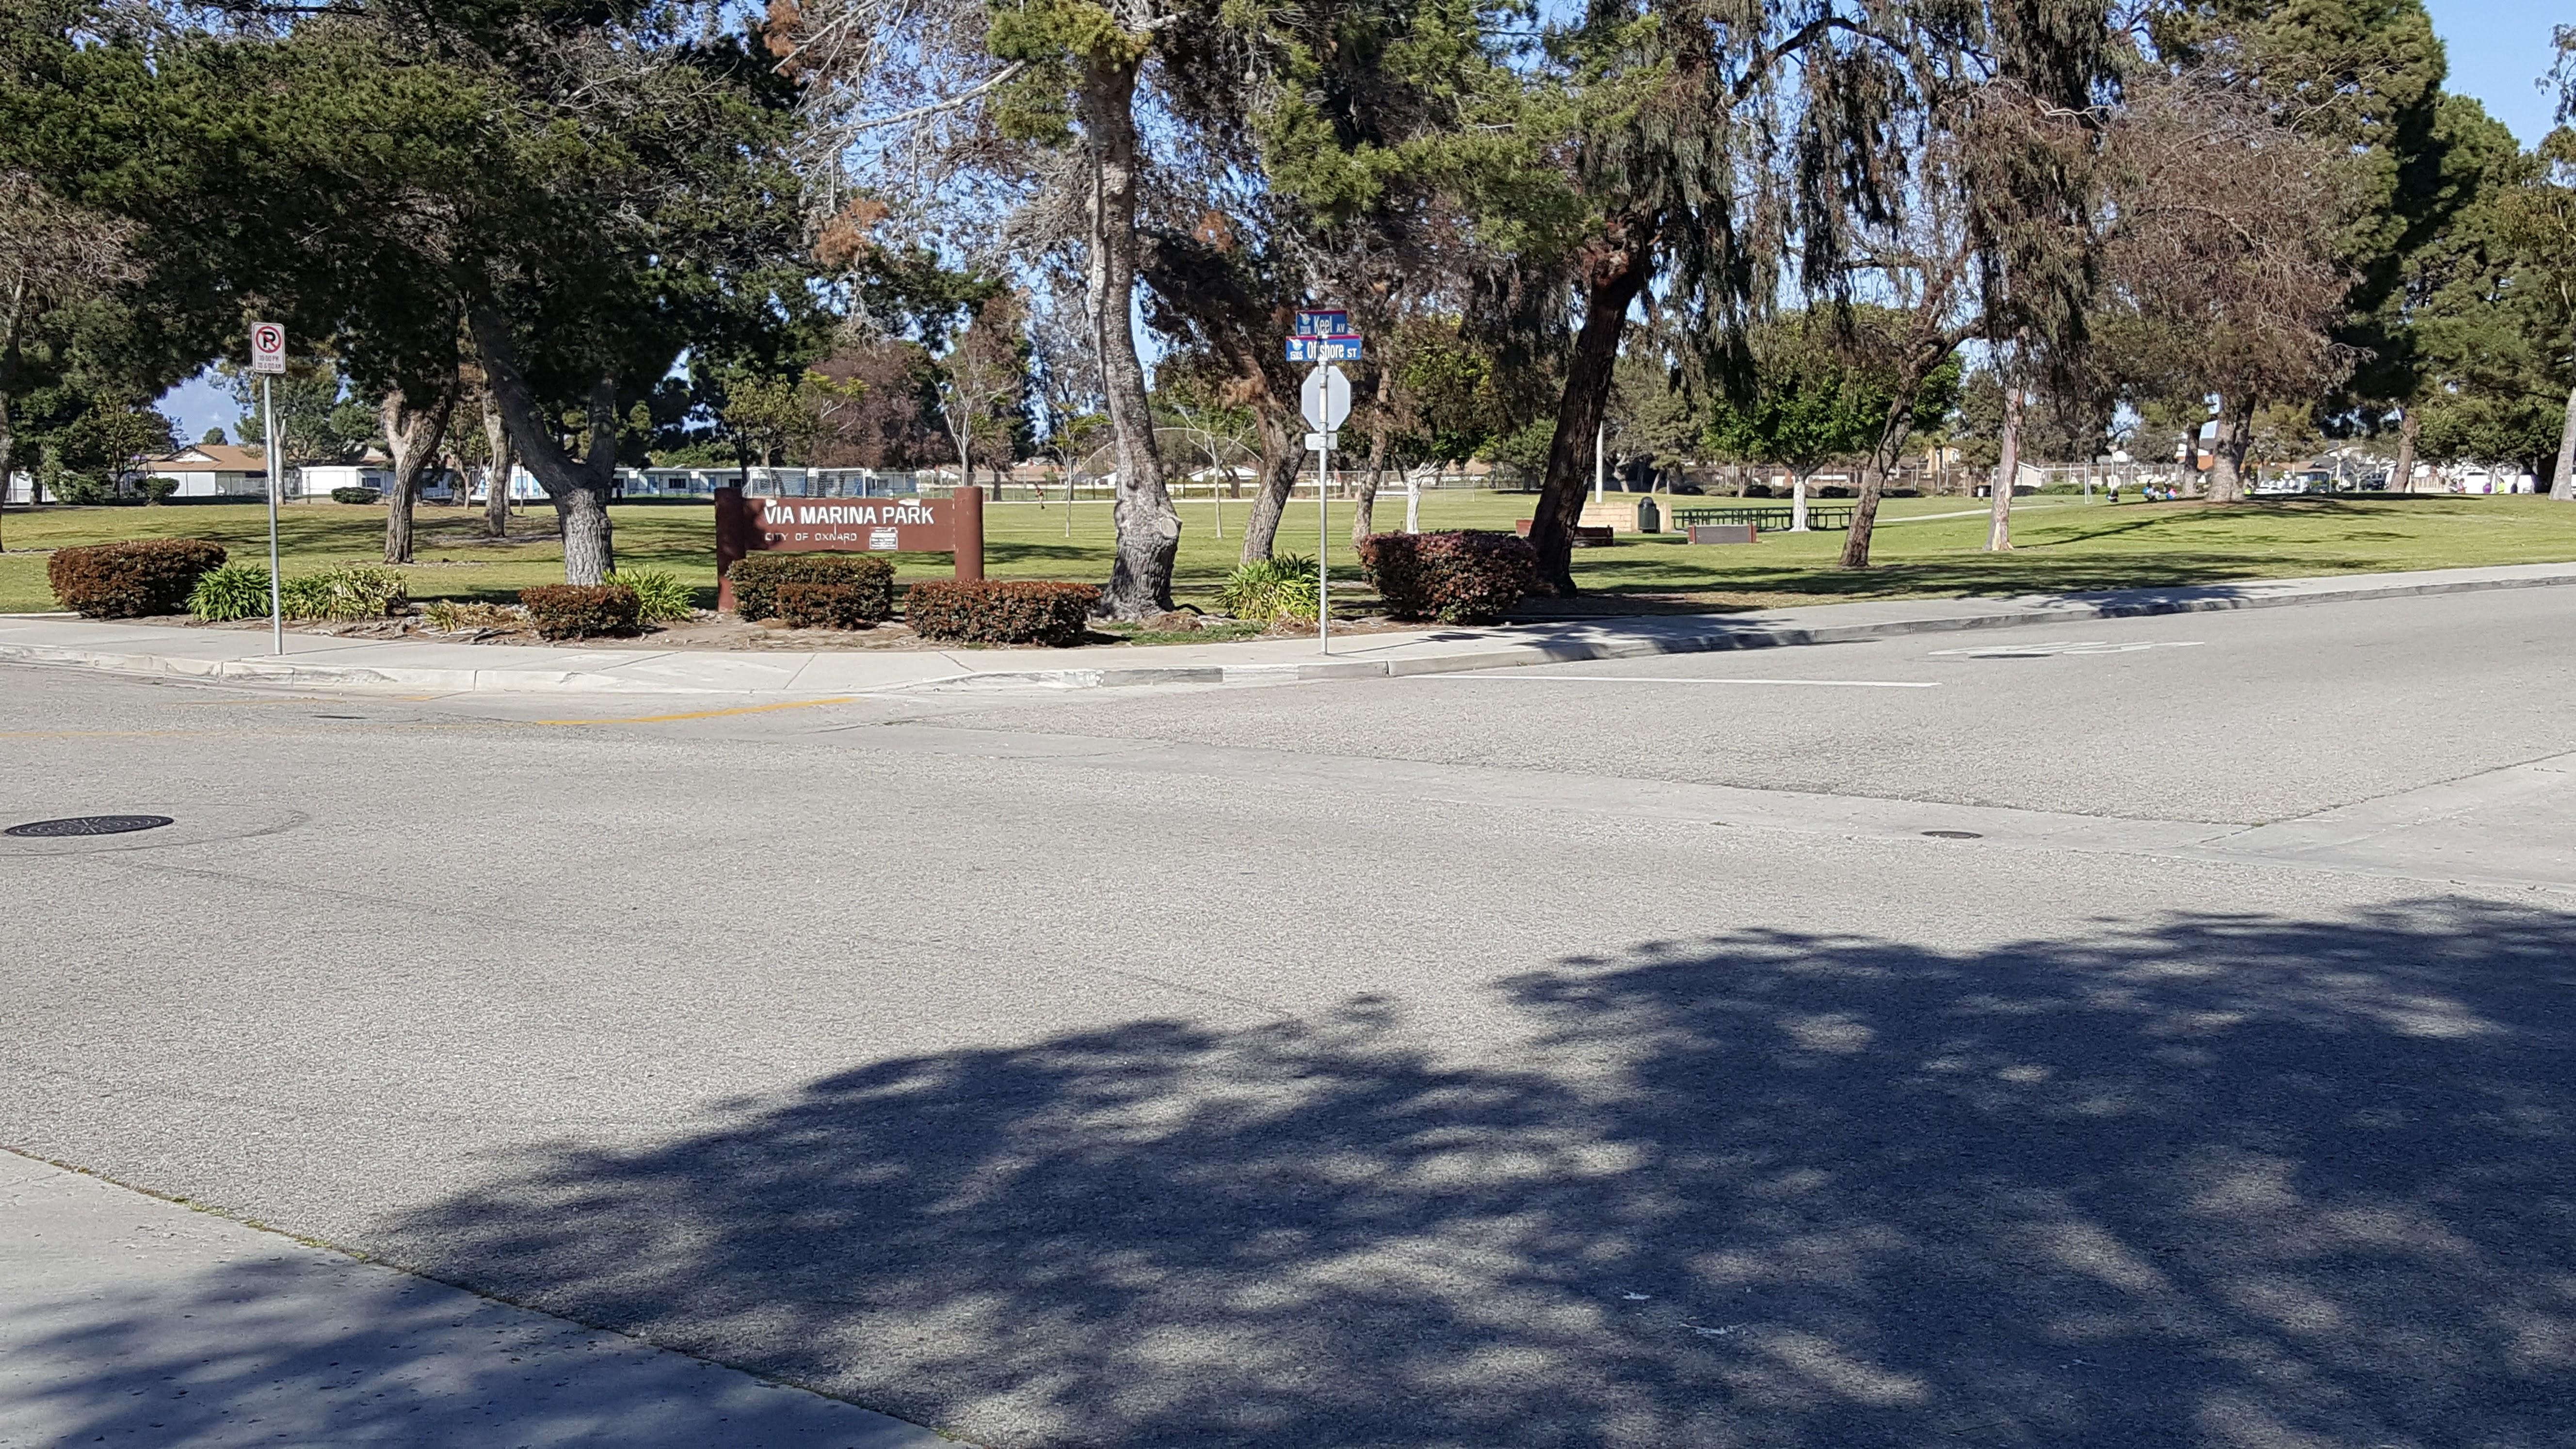 Via Marina Park in Oxnad CA